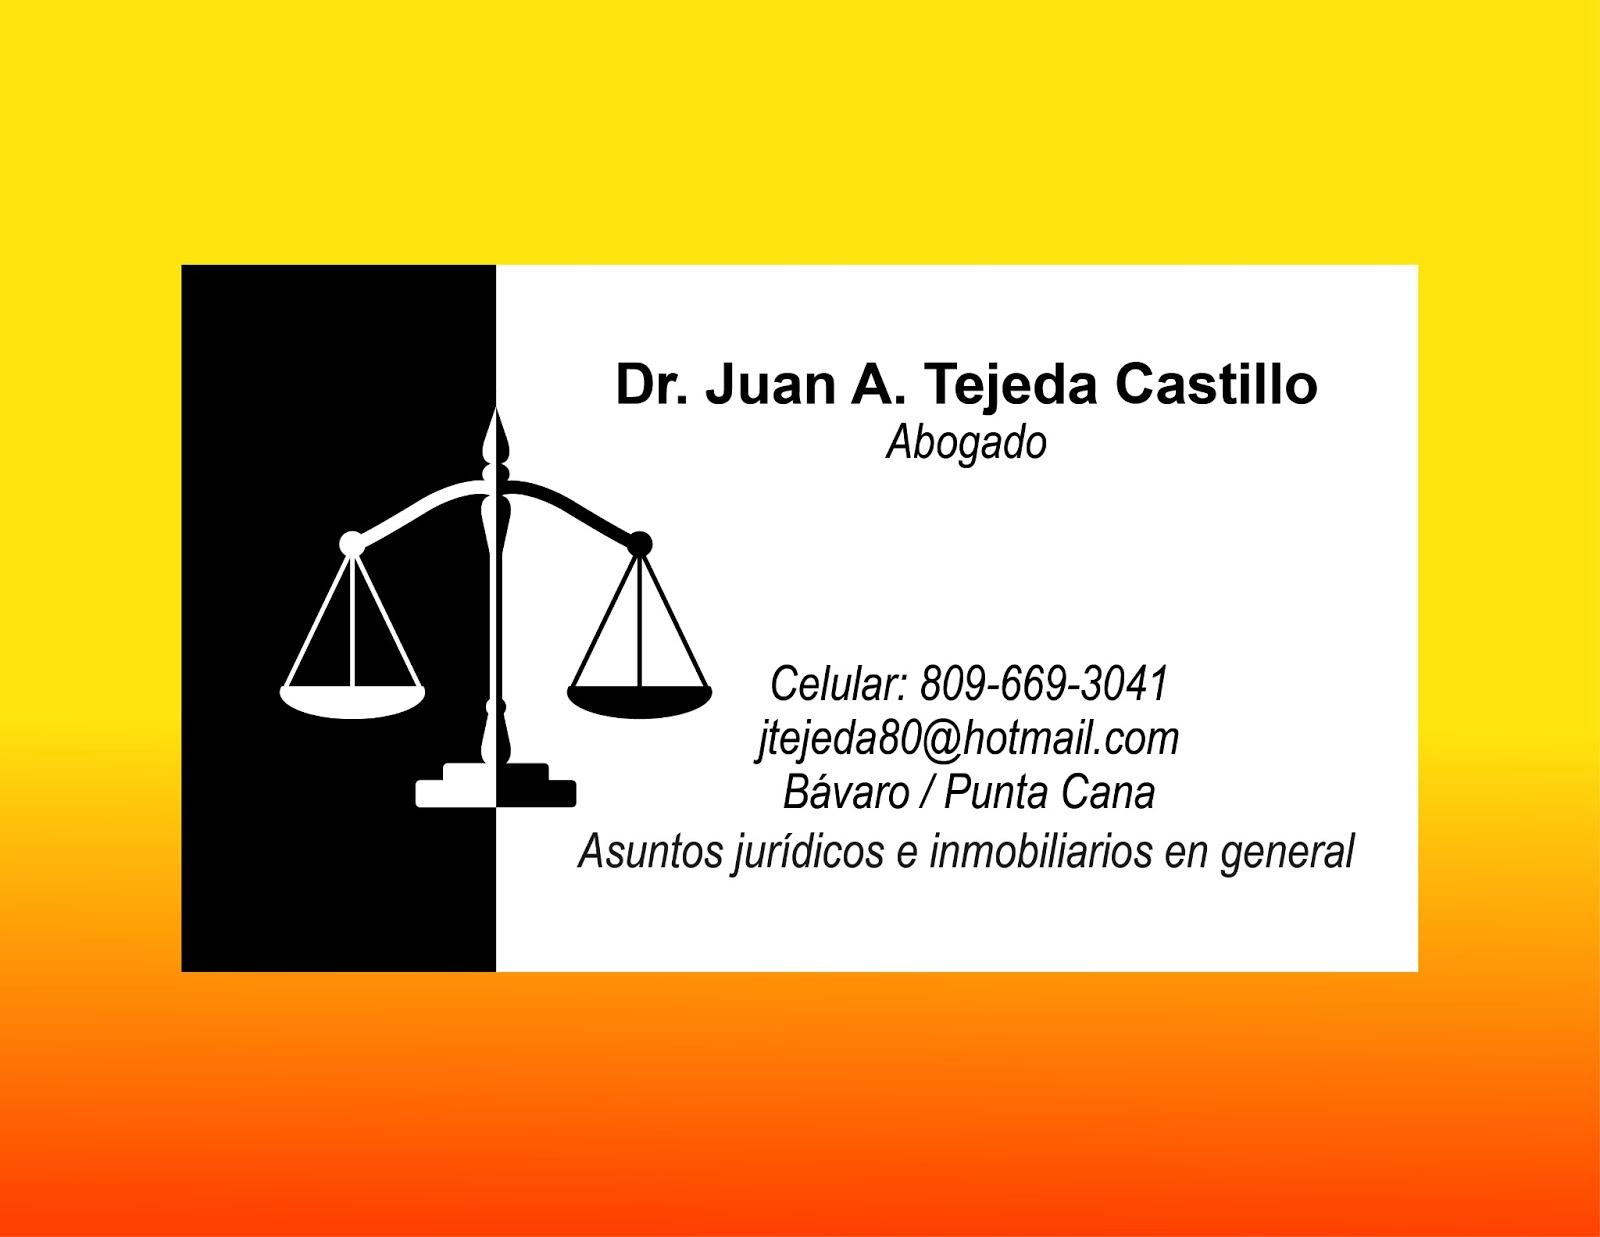 tarjetas de presentacin para su empresa o personal